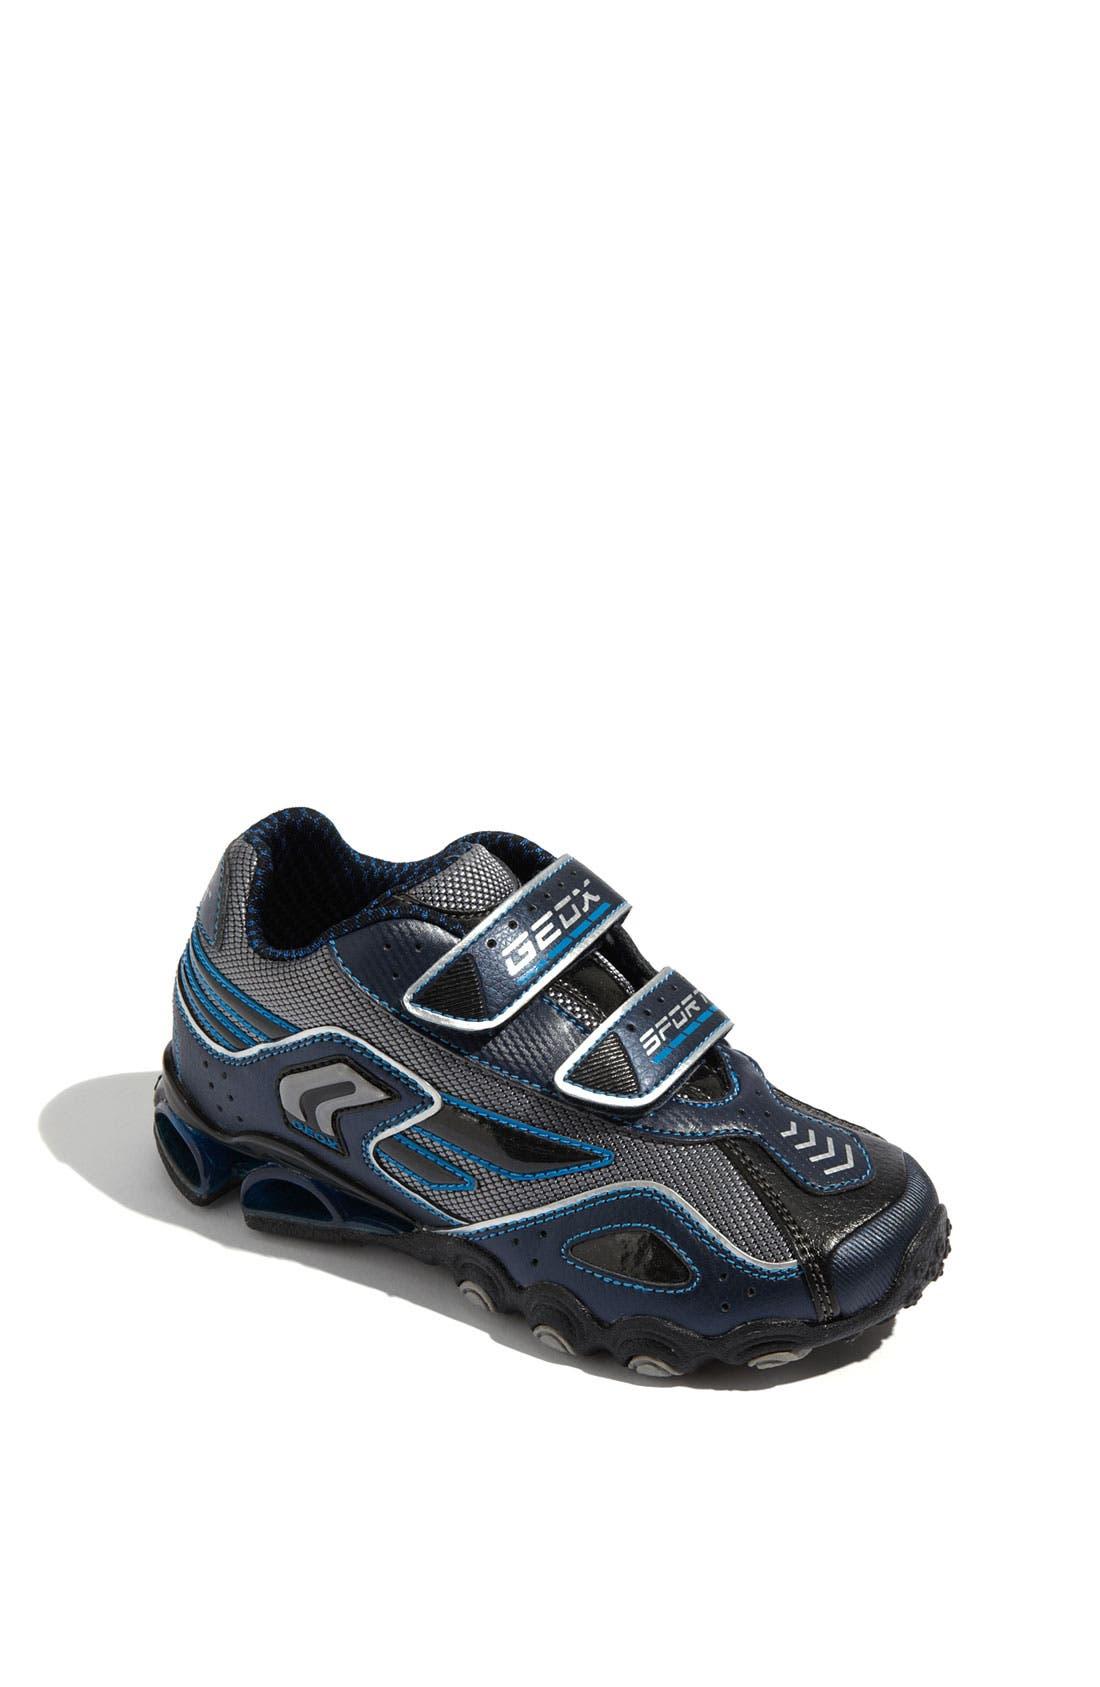 Main Image - Geox 'Tornado 10' Sneaker (Toddler, Little Kid & Big Kid)